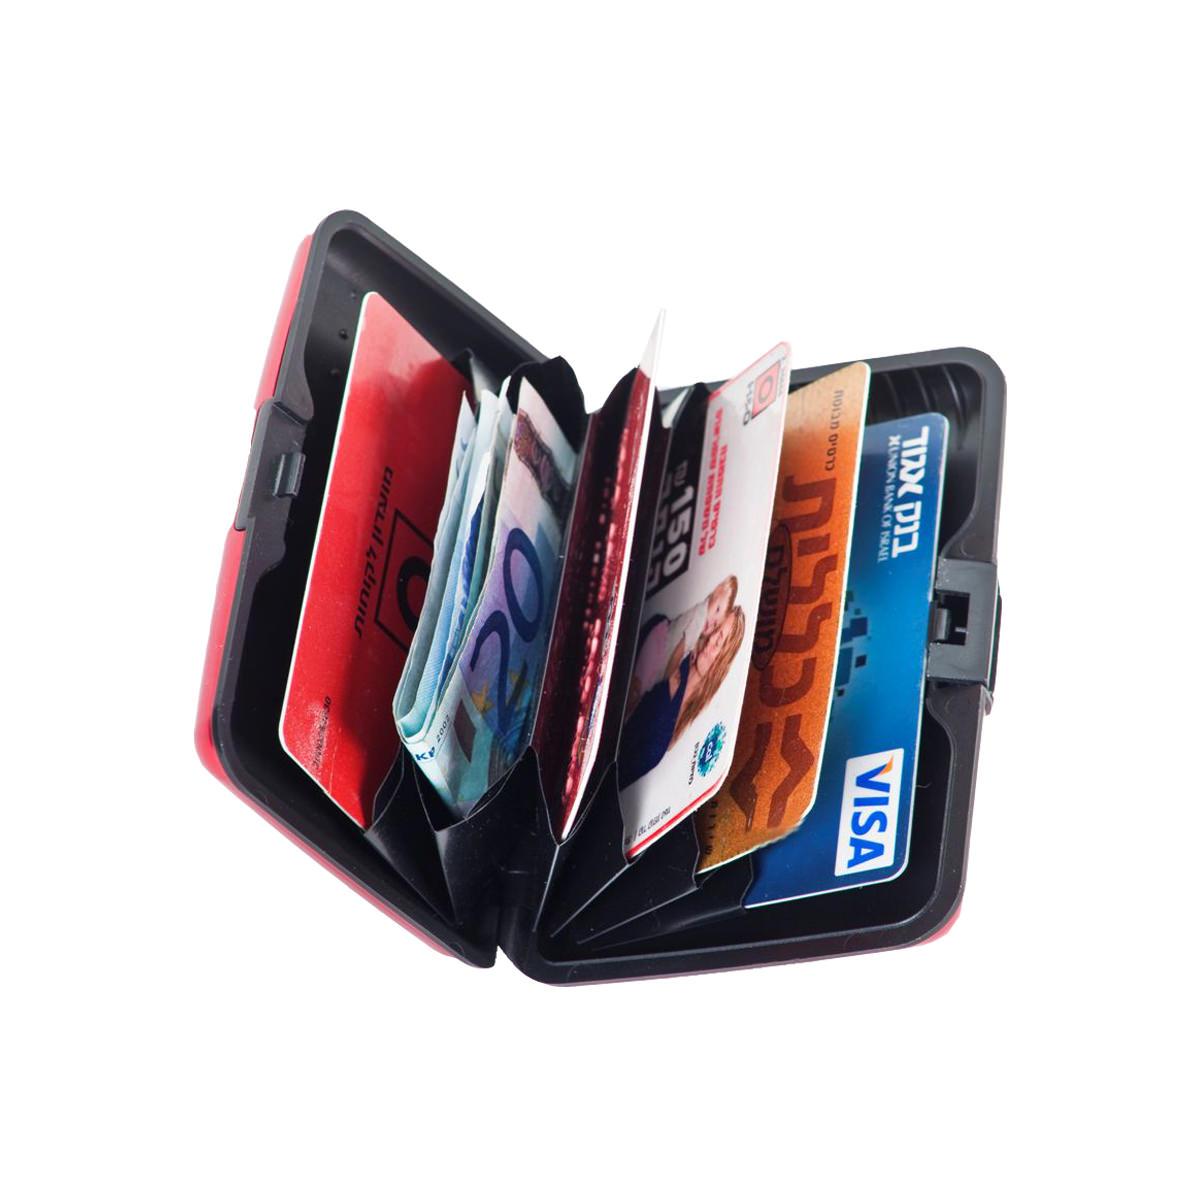 ארנק אלומיניום לכרטיסי אשראי וביקור - אפסום